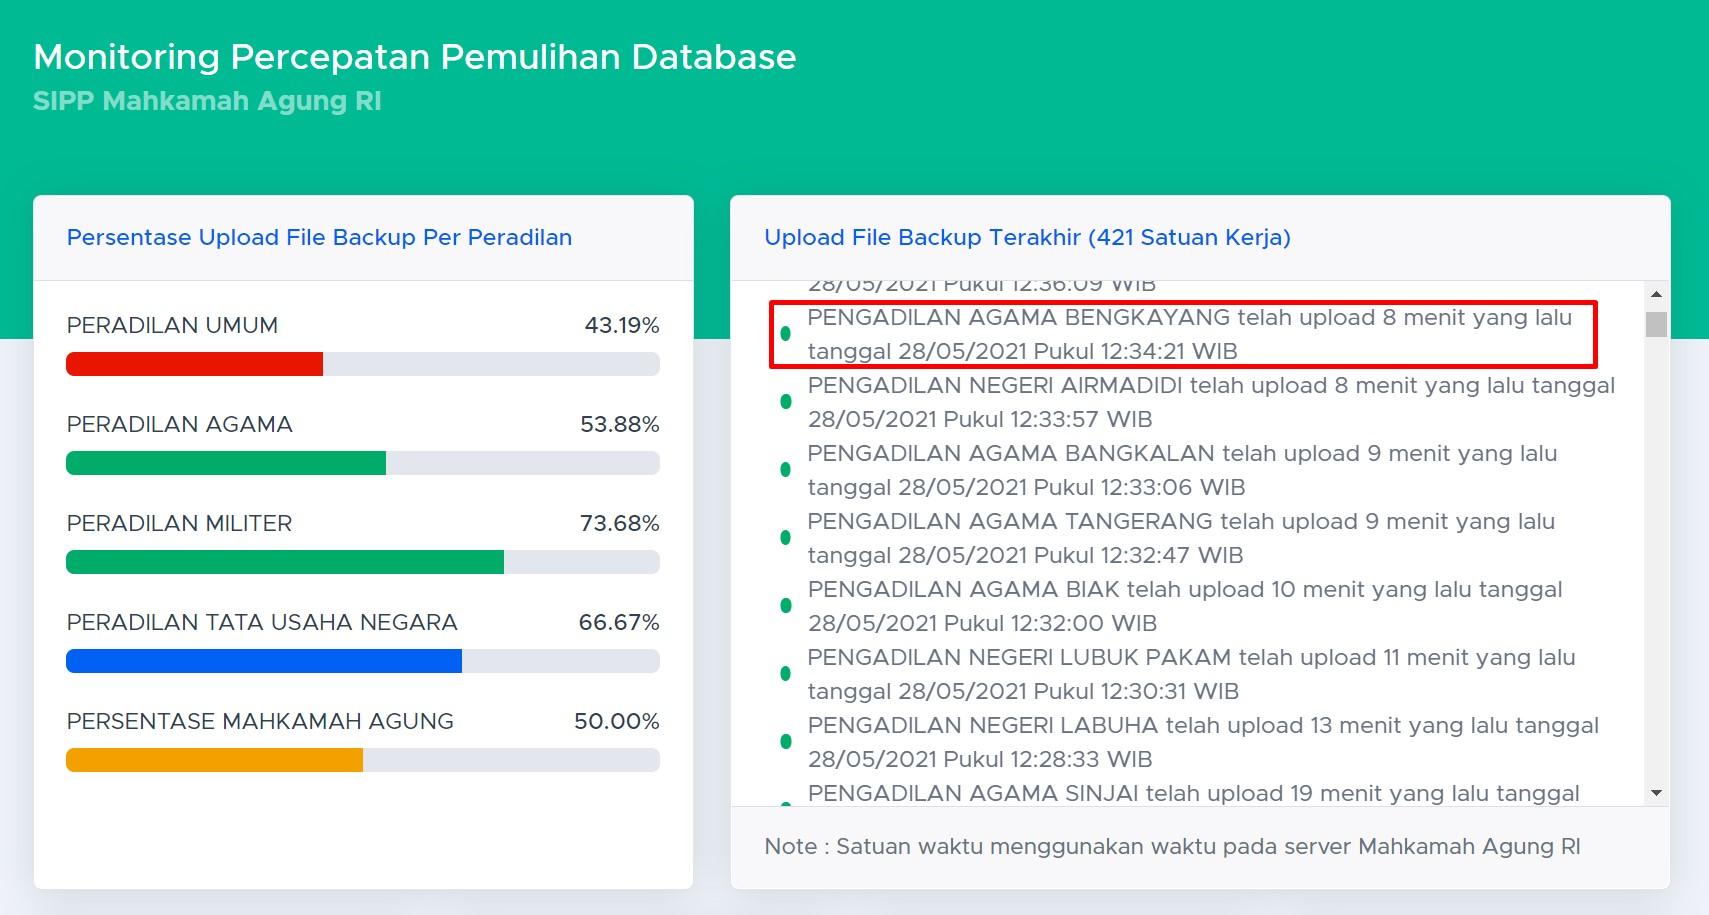 percepatan pemulihan database berhasil